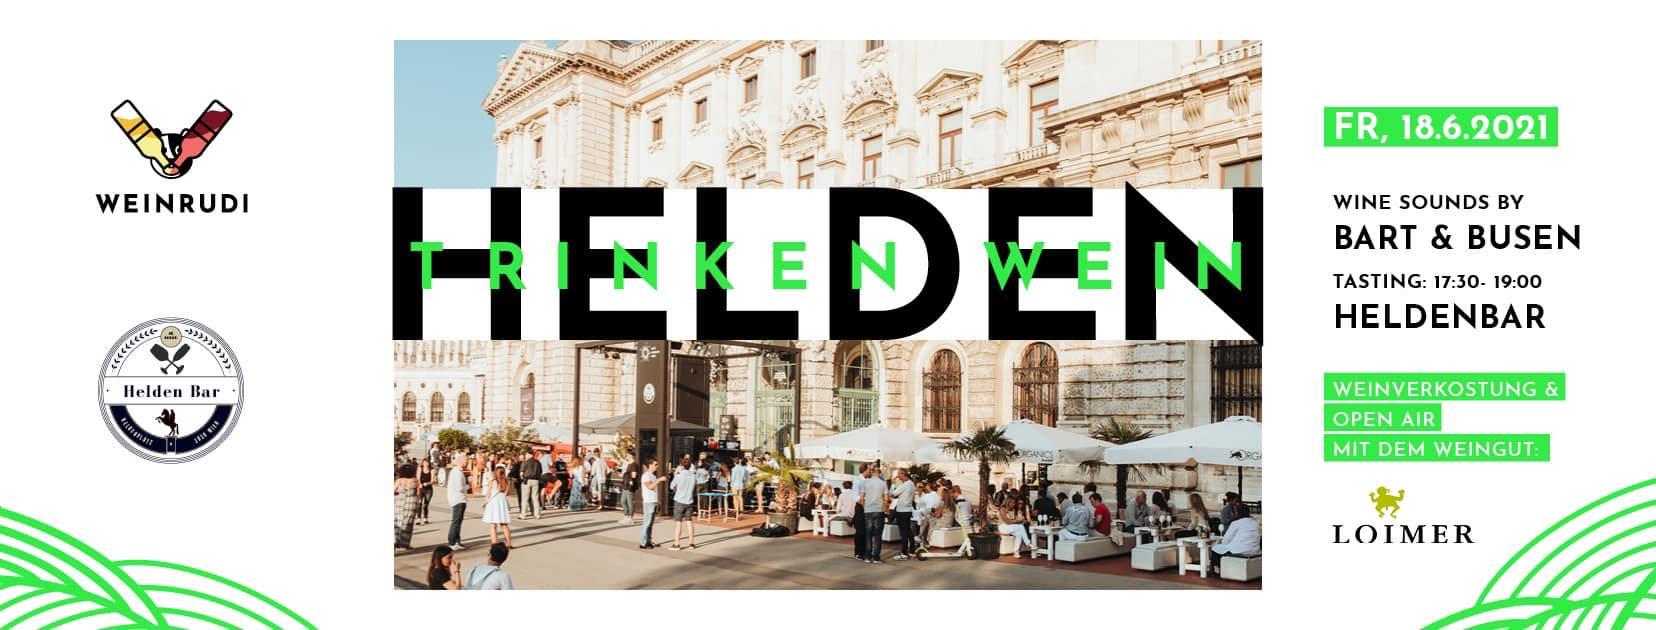 Events Wien: Helden trinken Wein feat. LOIMER